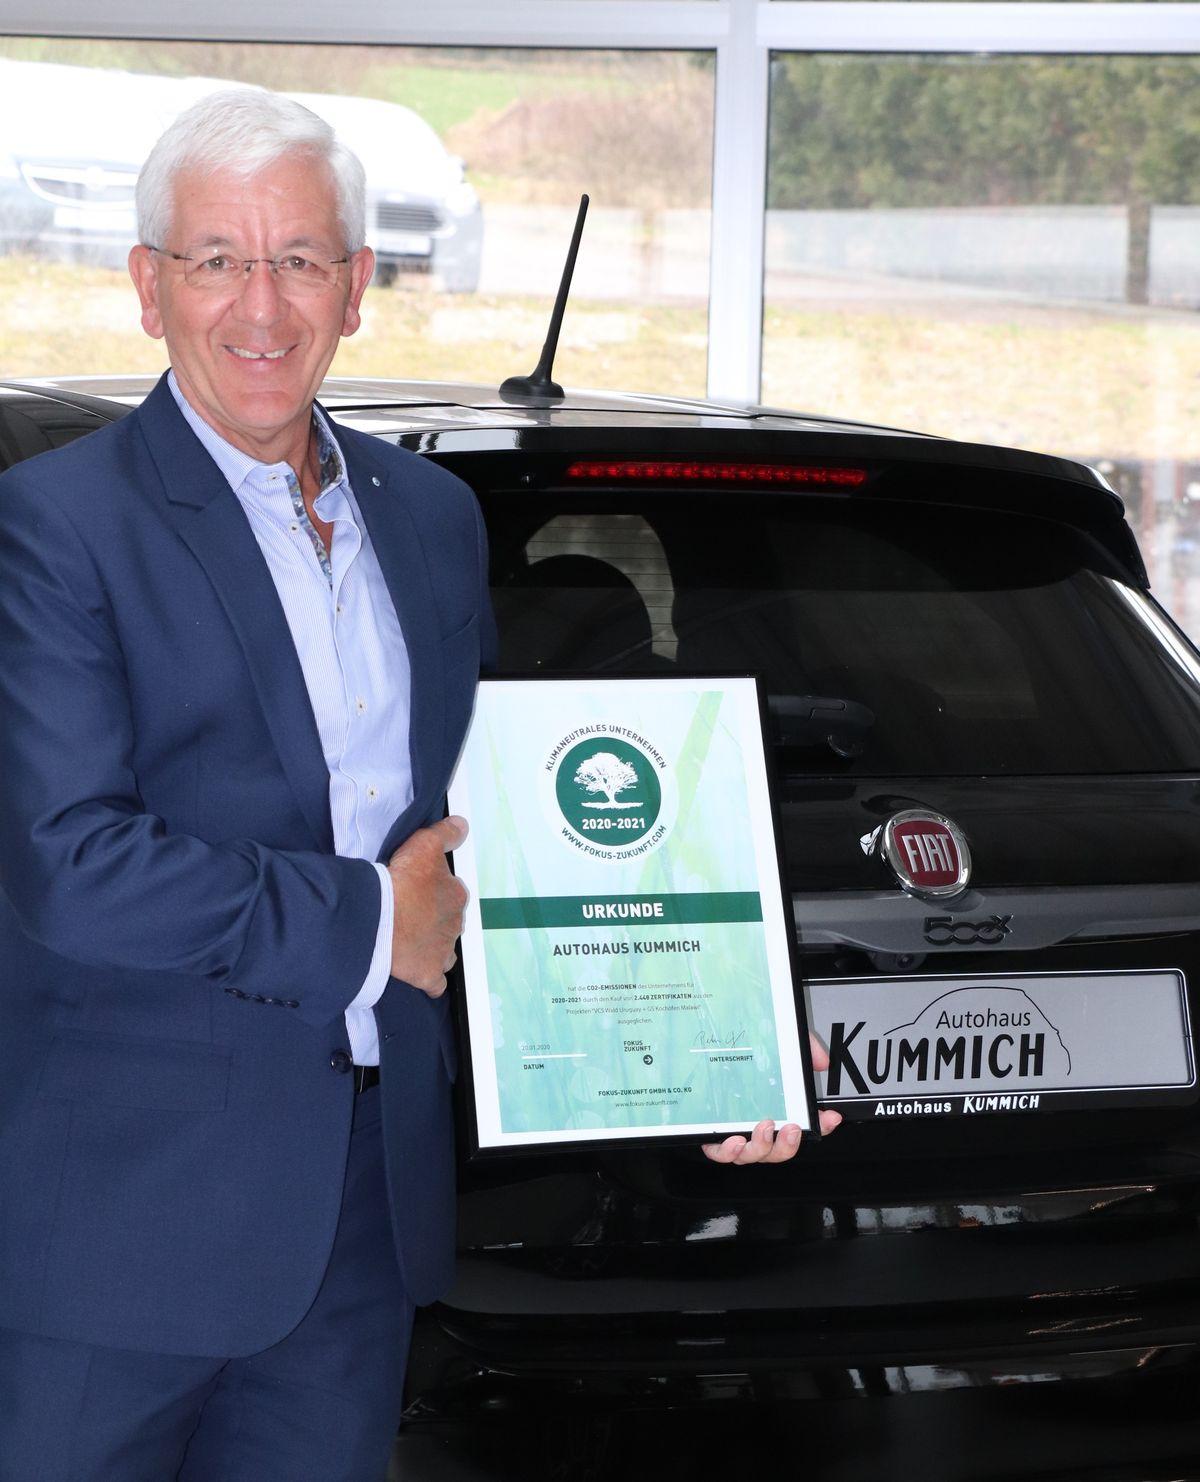 FCA-Partner Autohaus Kummich GmbH als einer der ersten deutschen Vertriebsstandorte bereits für 2020 und 2021 CO2-neutral zertifiziert